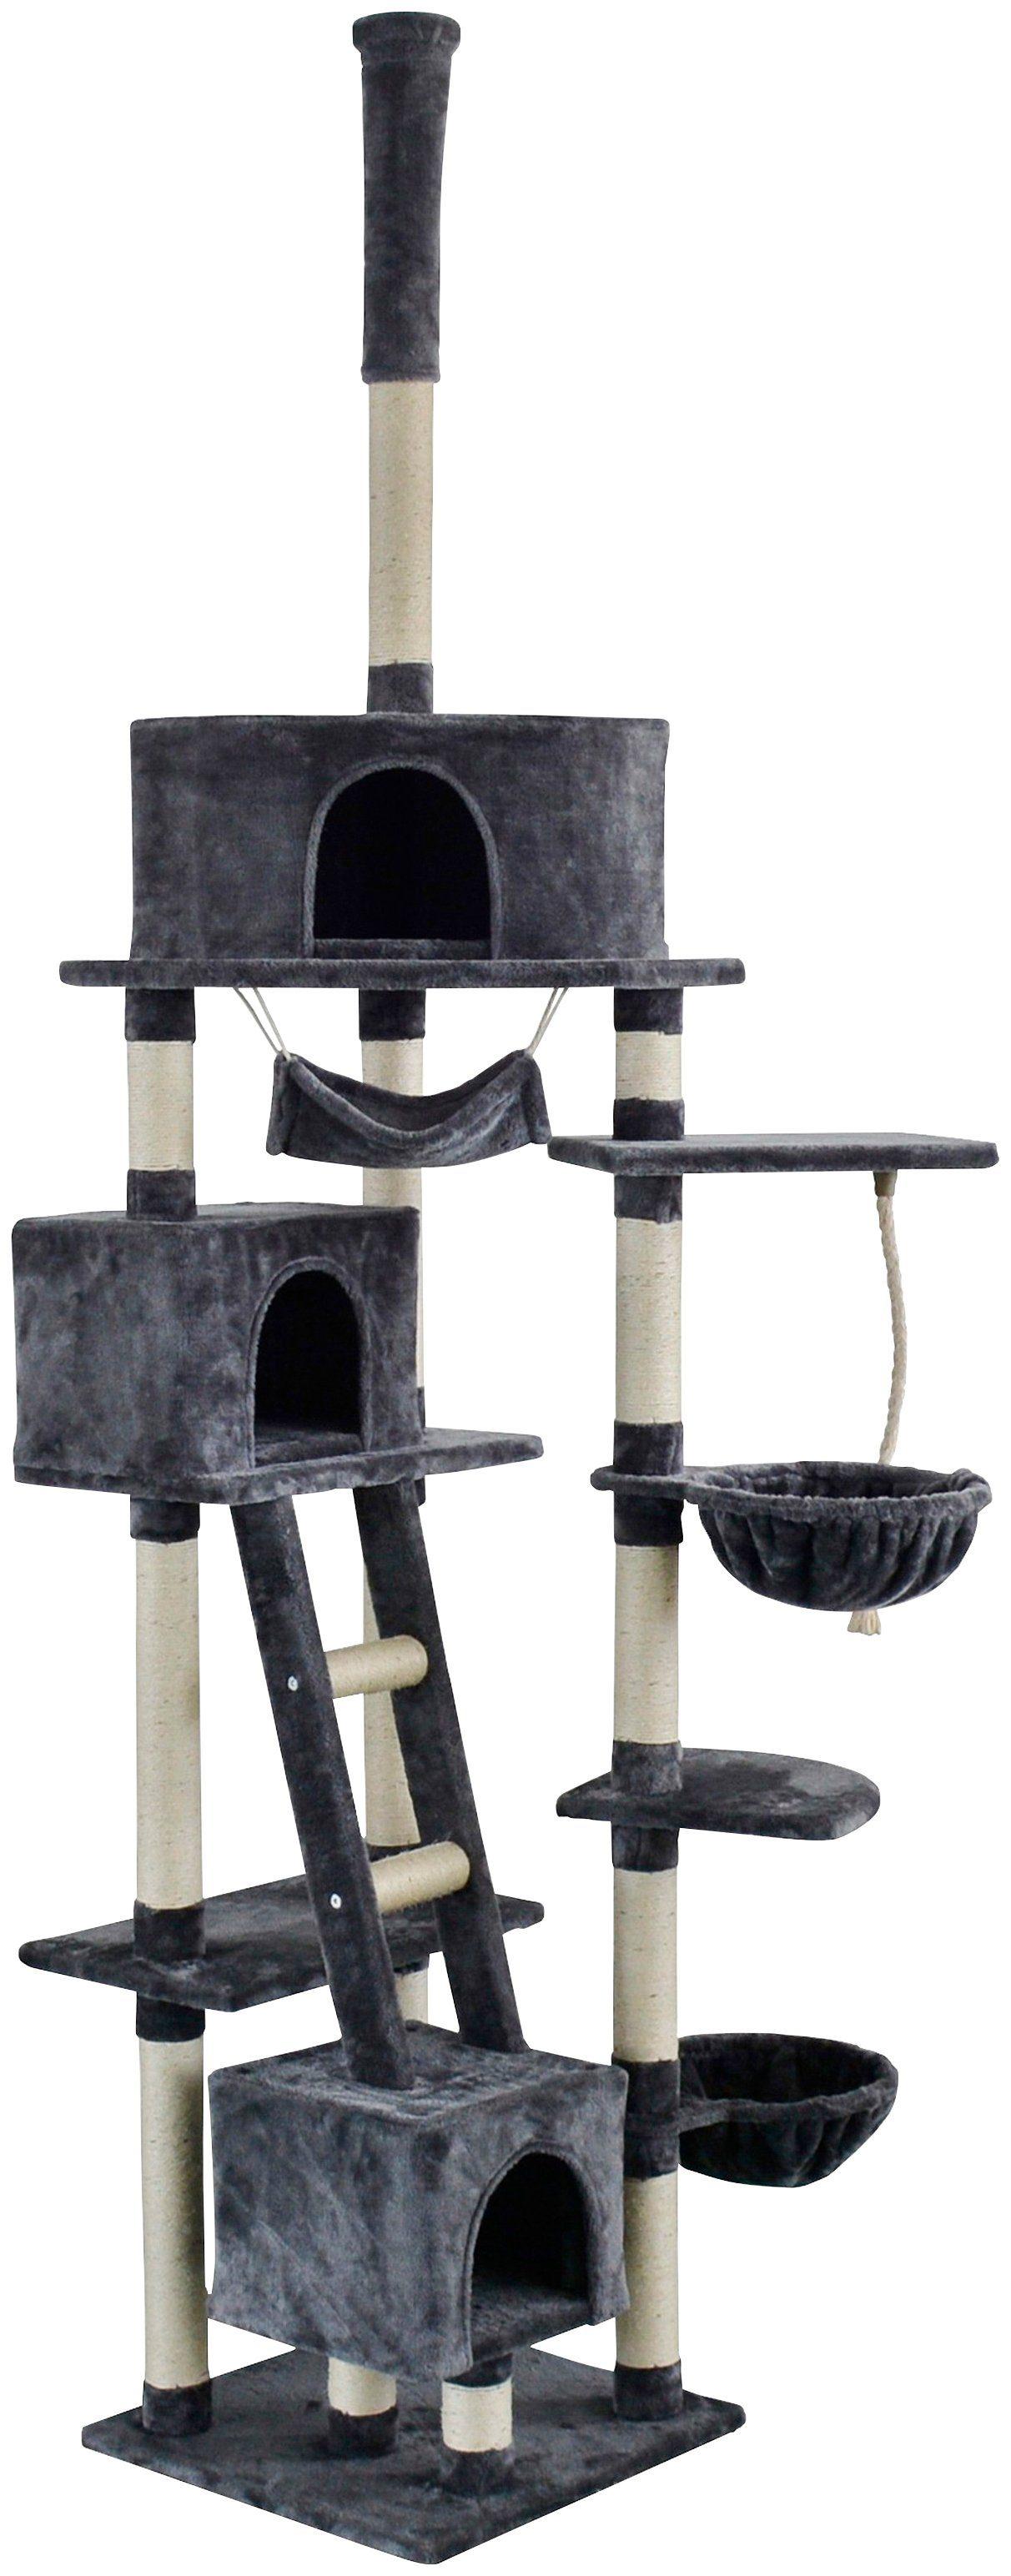 SILVIO DESIGN Kratzbaum-Deckenspanner »Rocky«, B/T/H: 70/50/230-250 cm, dunkelgrau